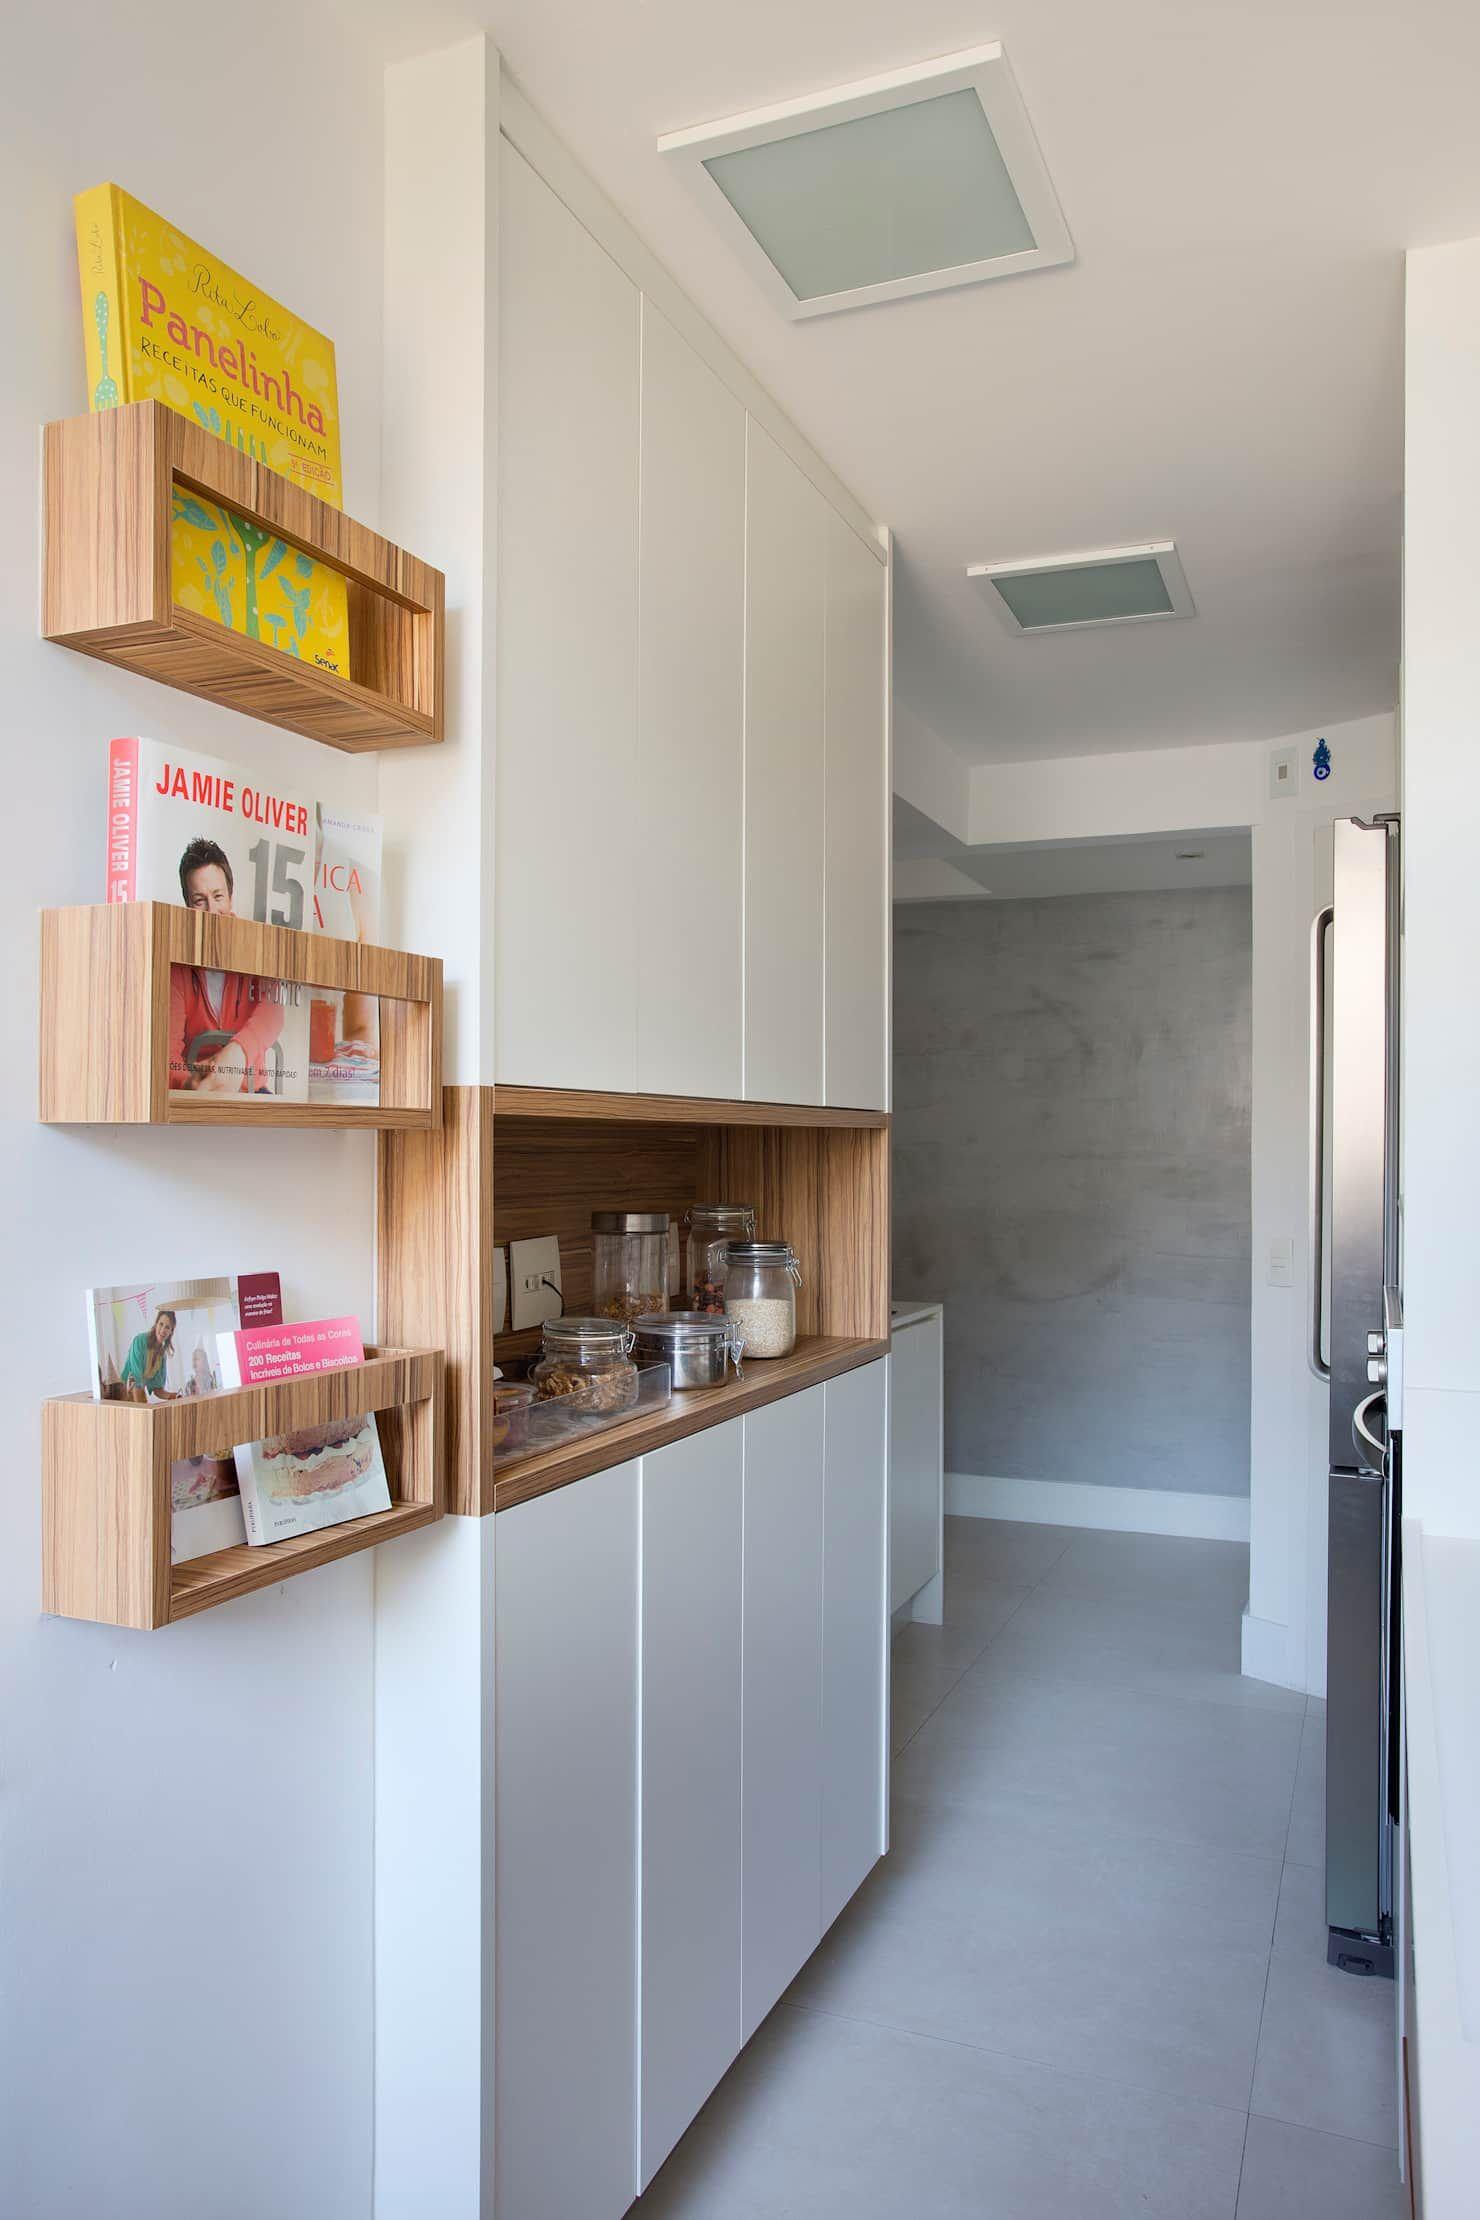 Cozinha gourmet carolina mendonça projetos de arquitetura e interiores ltda cozinhas modernas